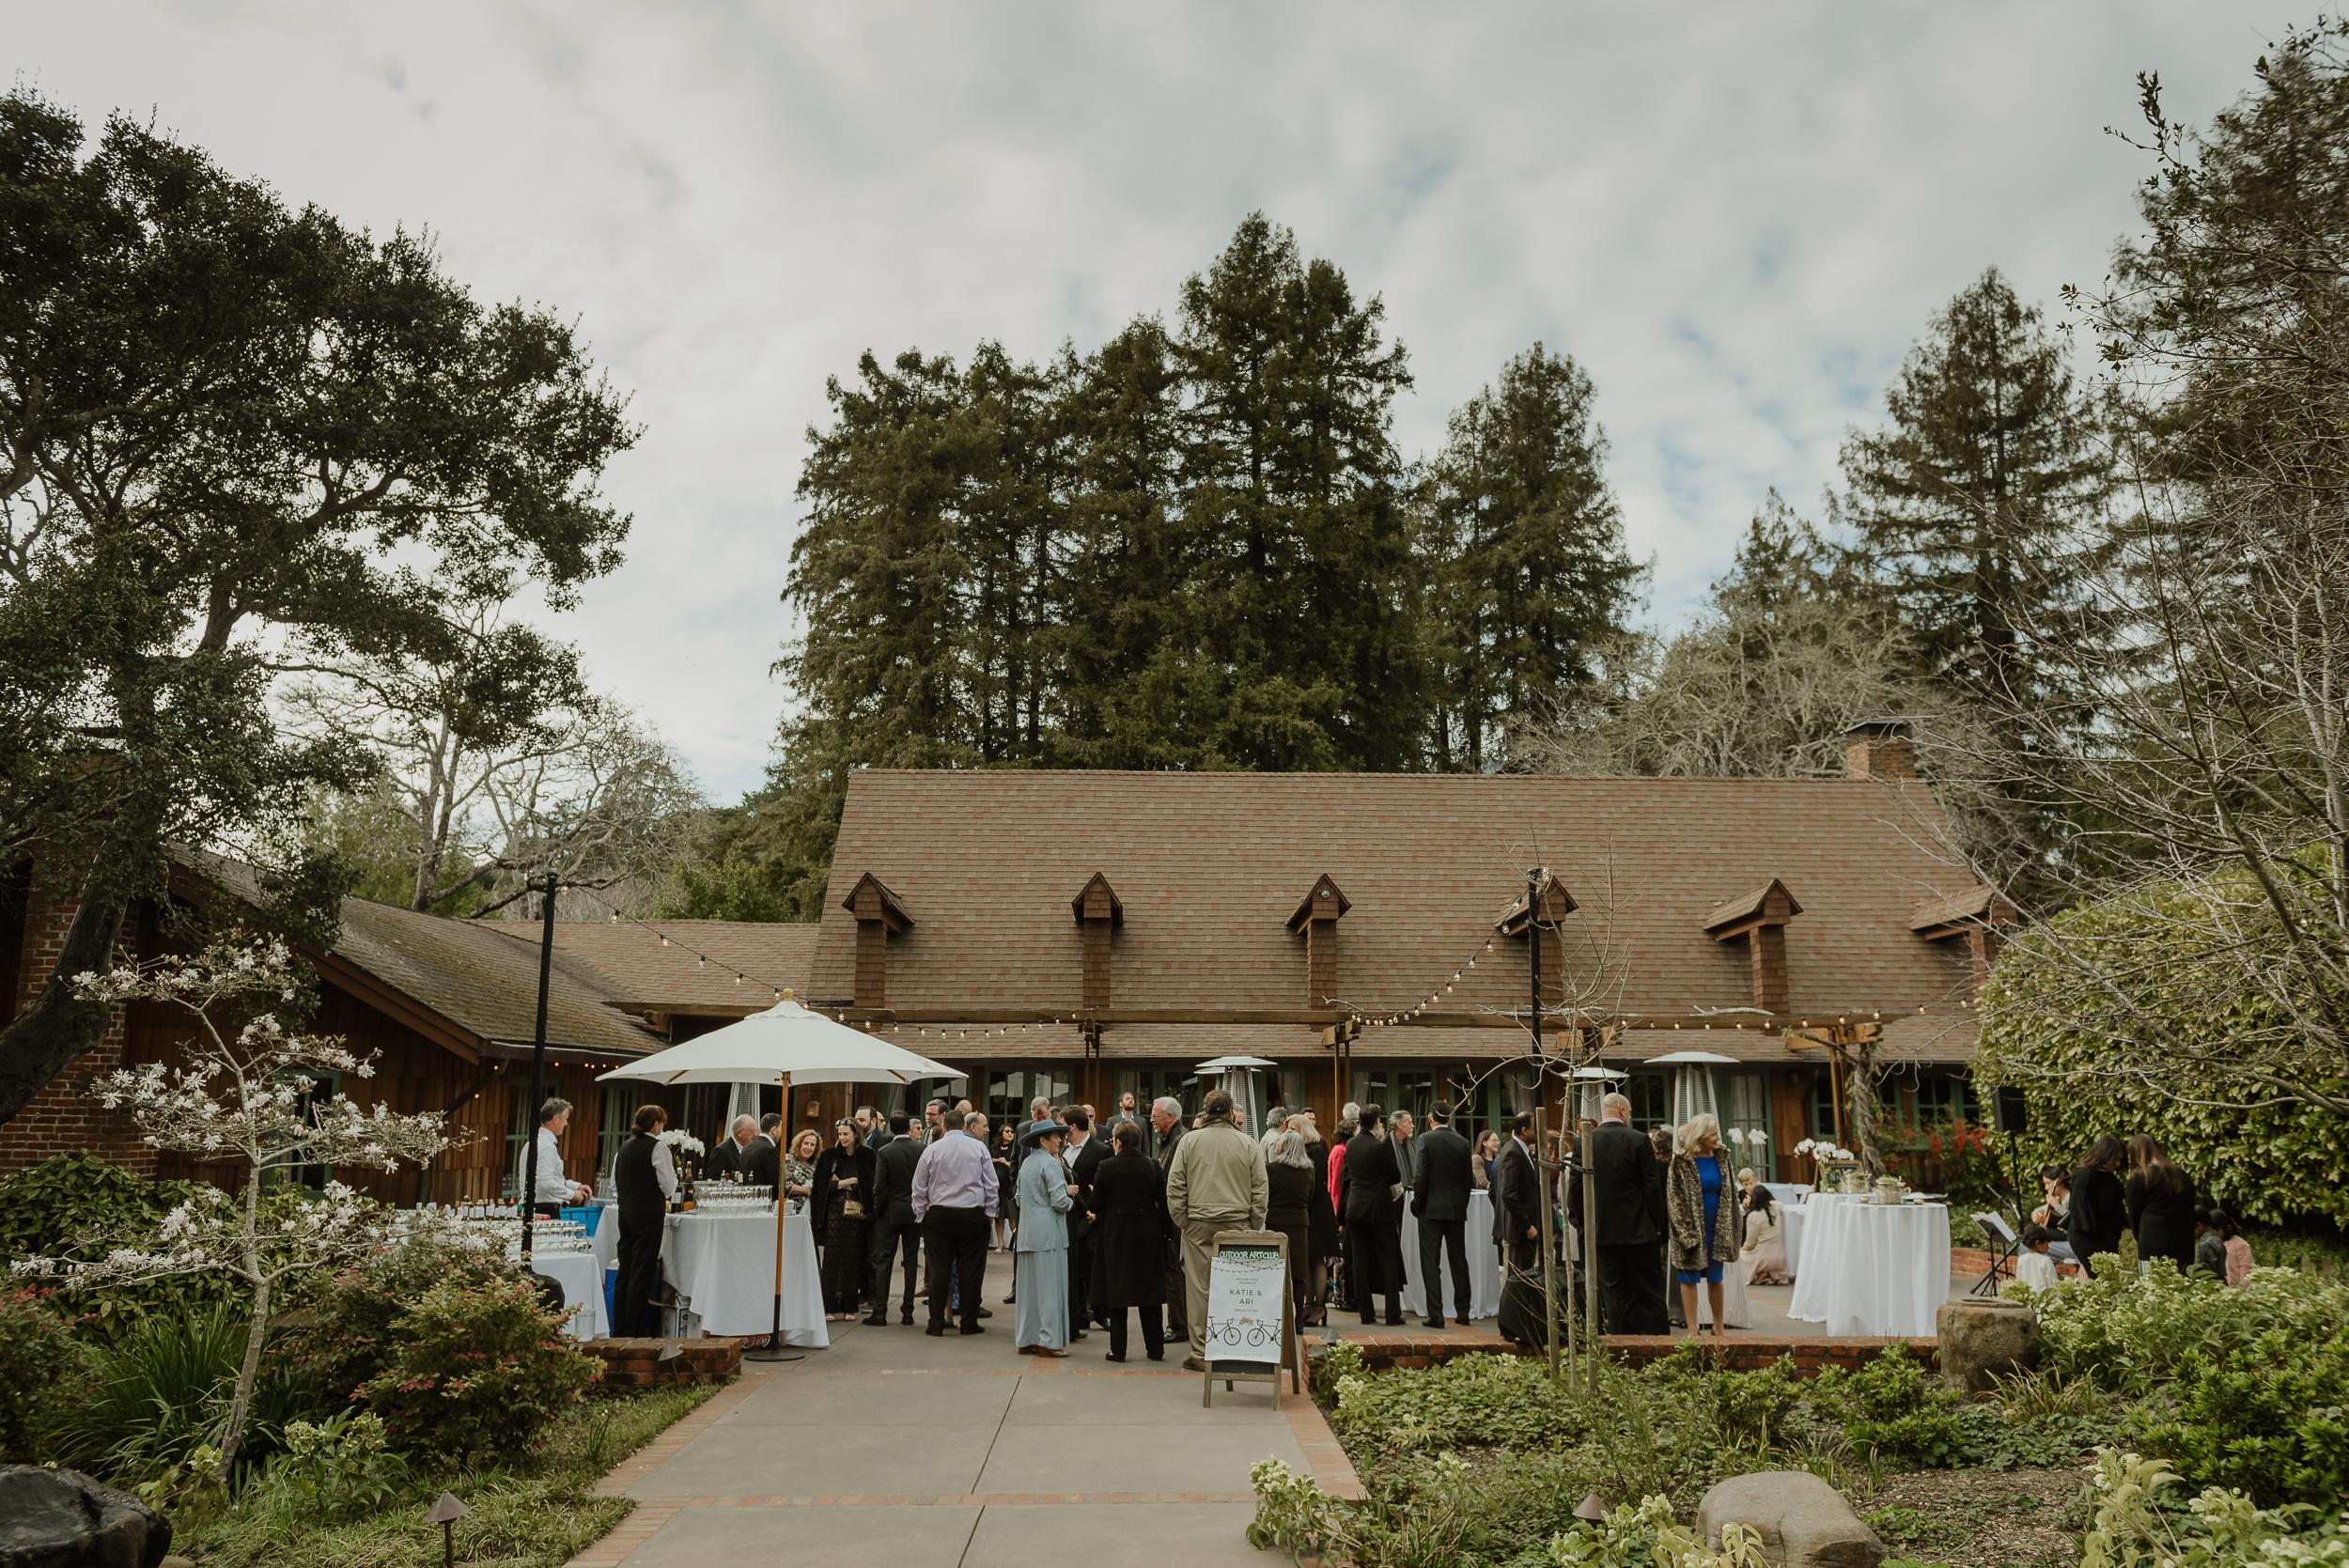 013winter-mill-valley-wedding-outdoor-art-club-wedding-vivianchen-093.jpg